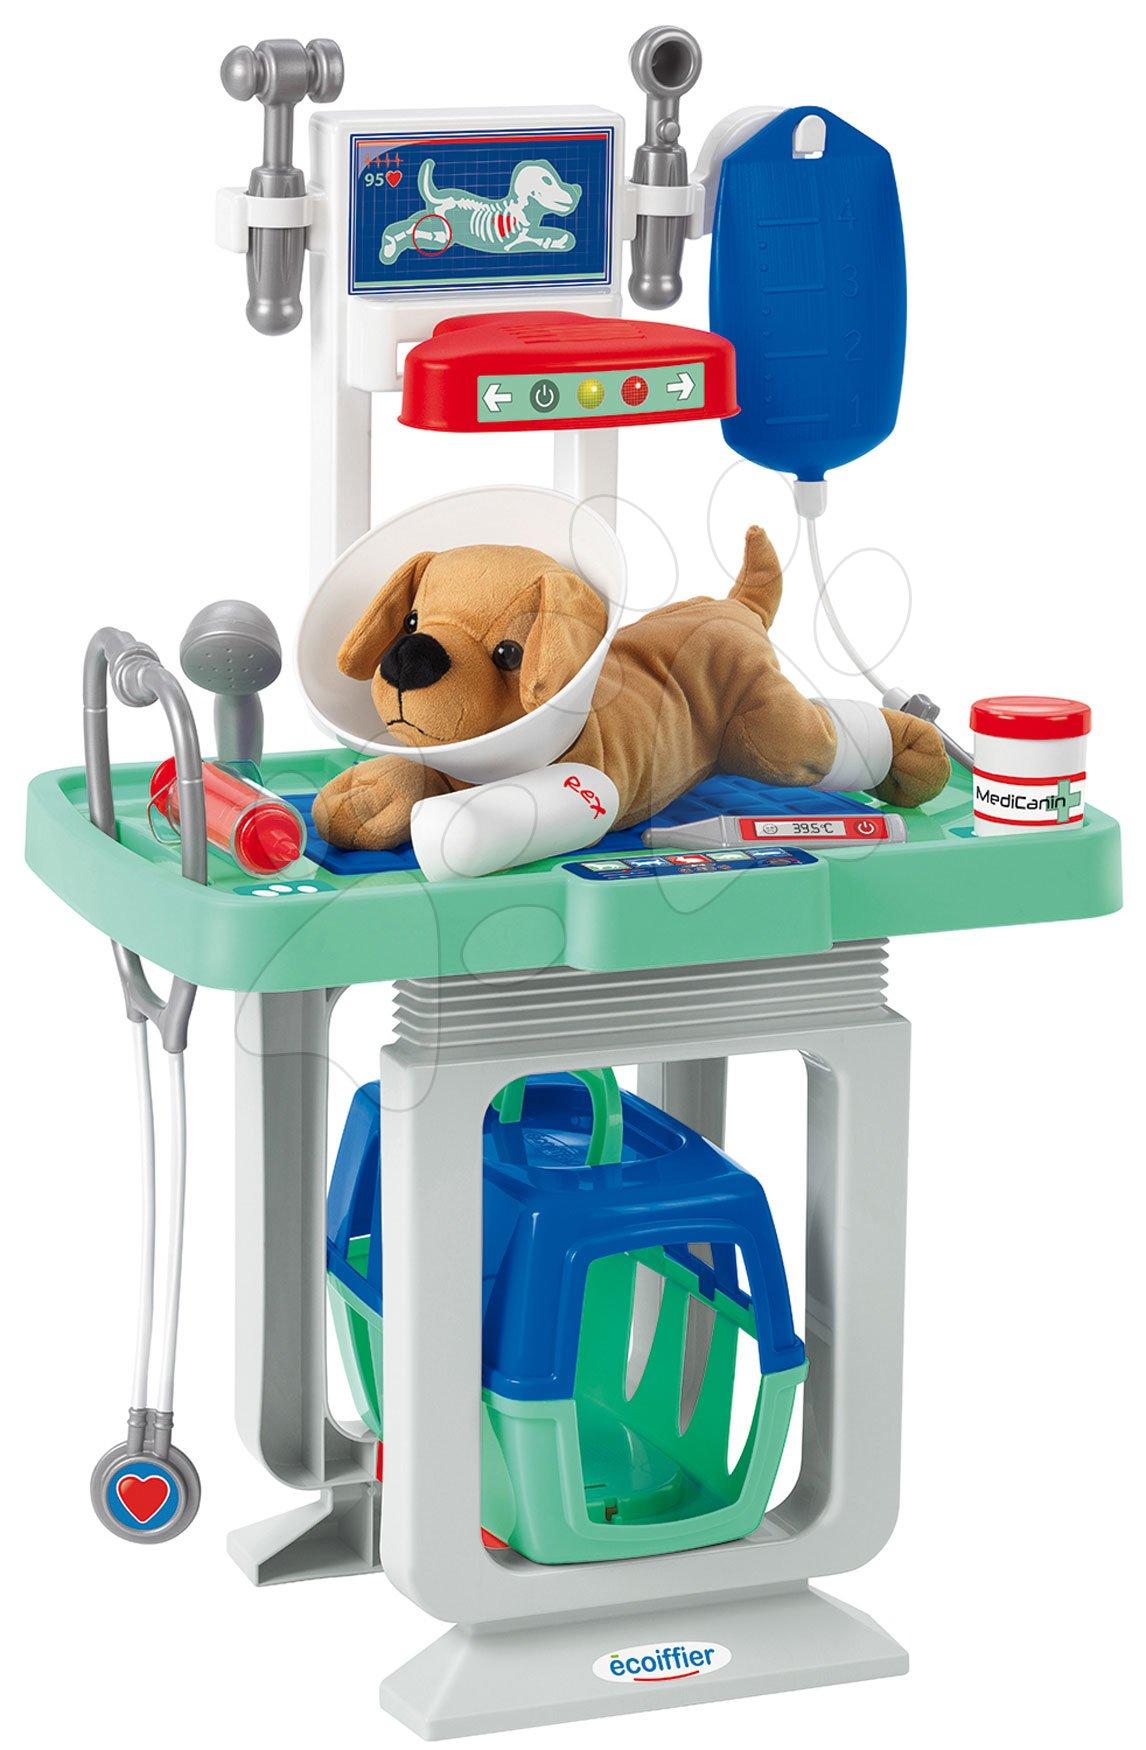 Lékařské vozíky pro děti - Zvěrolékařský vozík s pejskem Medical Écoiffier s infuzí a 15 doplňky od 18 měsíců